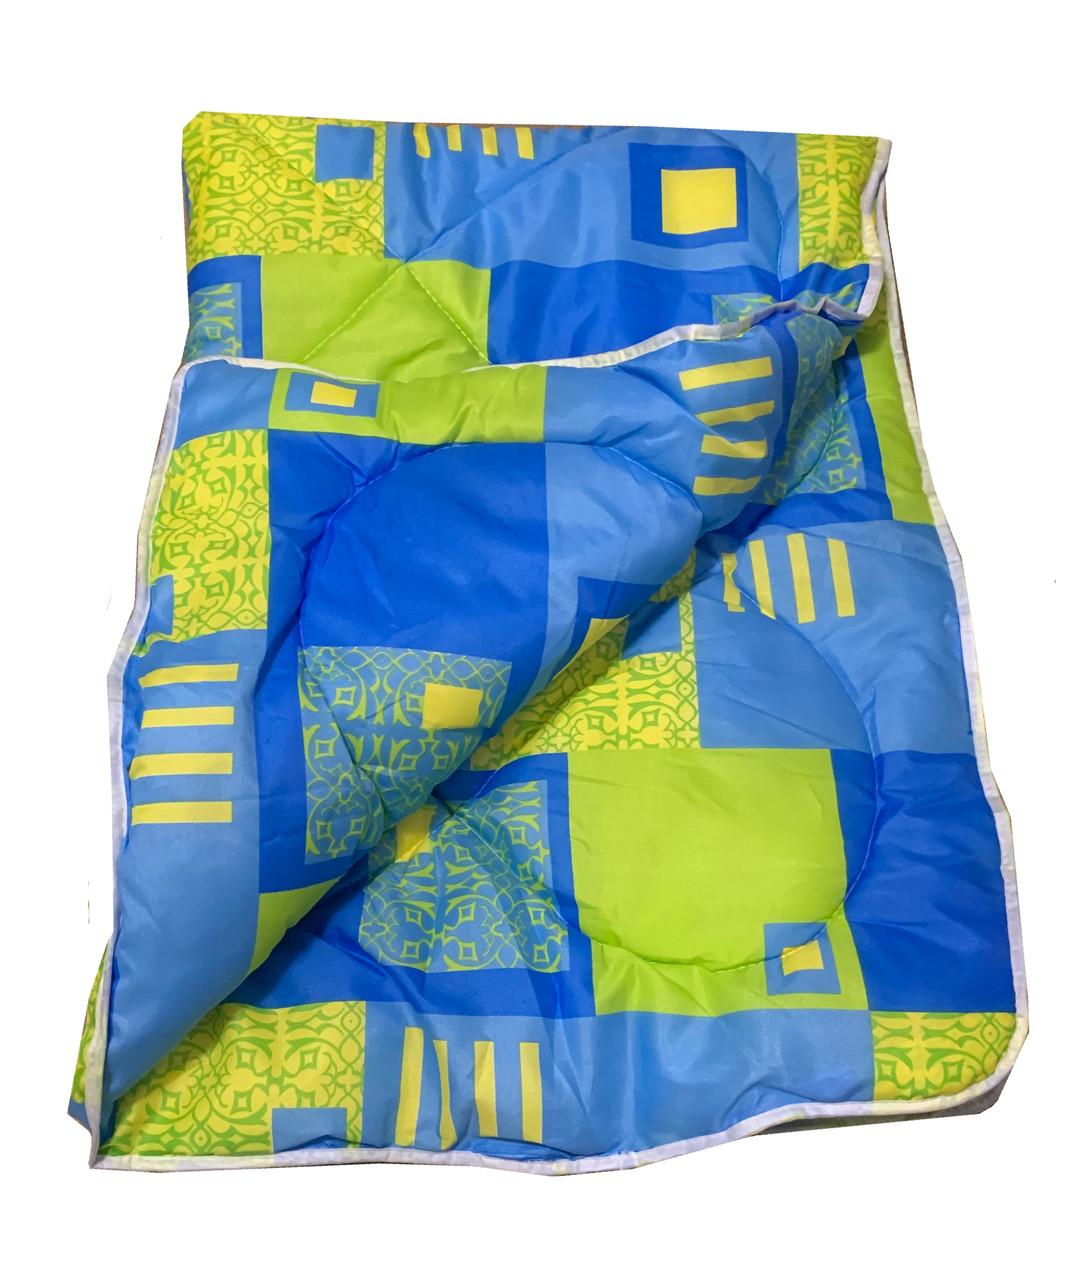 Одеяло полуторное, холлофайбер 150*220 см, Украина